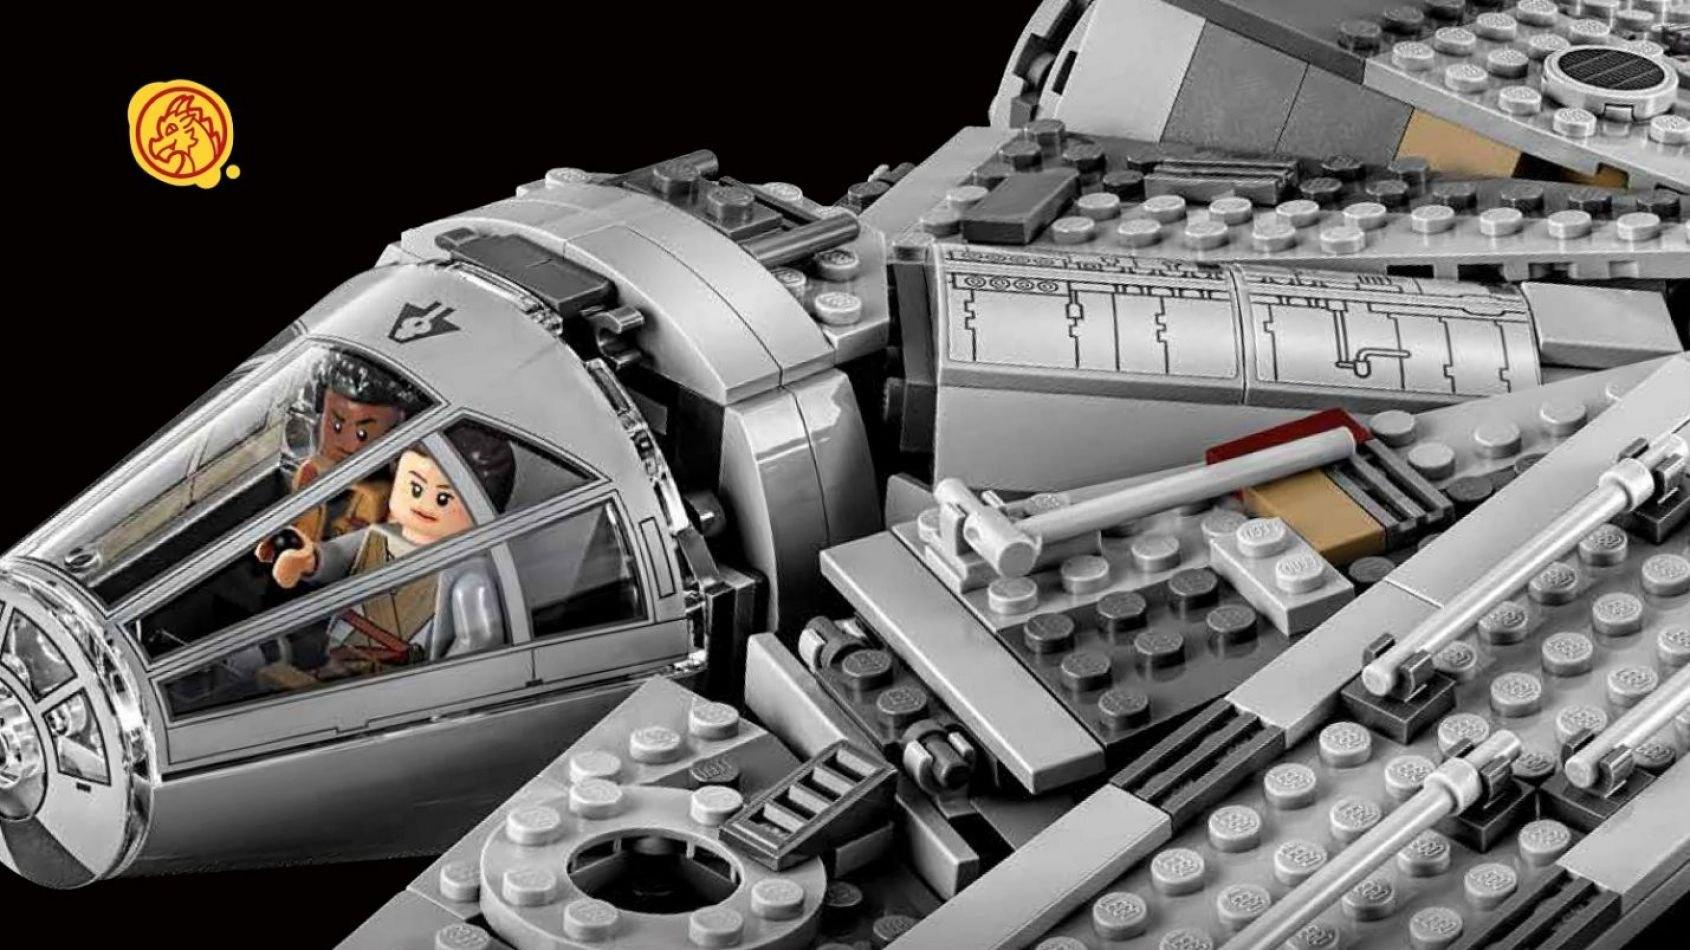 Chez Qilinn Lego ReviewUltimate Wars Star VzMGSpqU